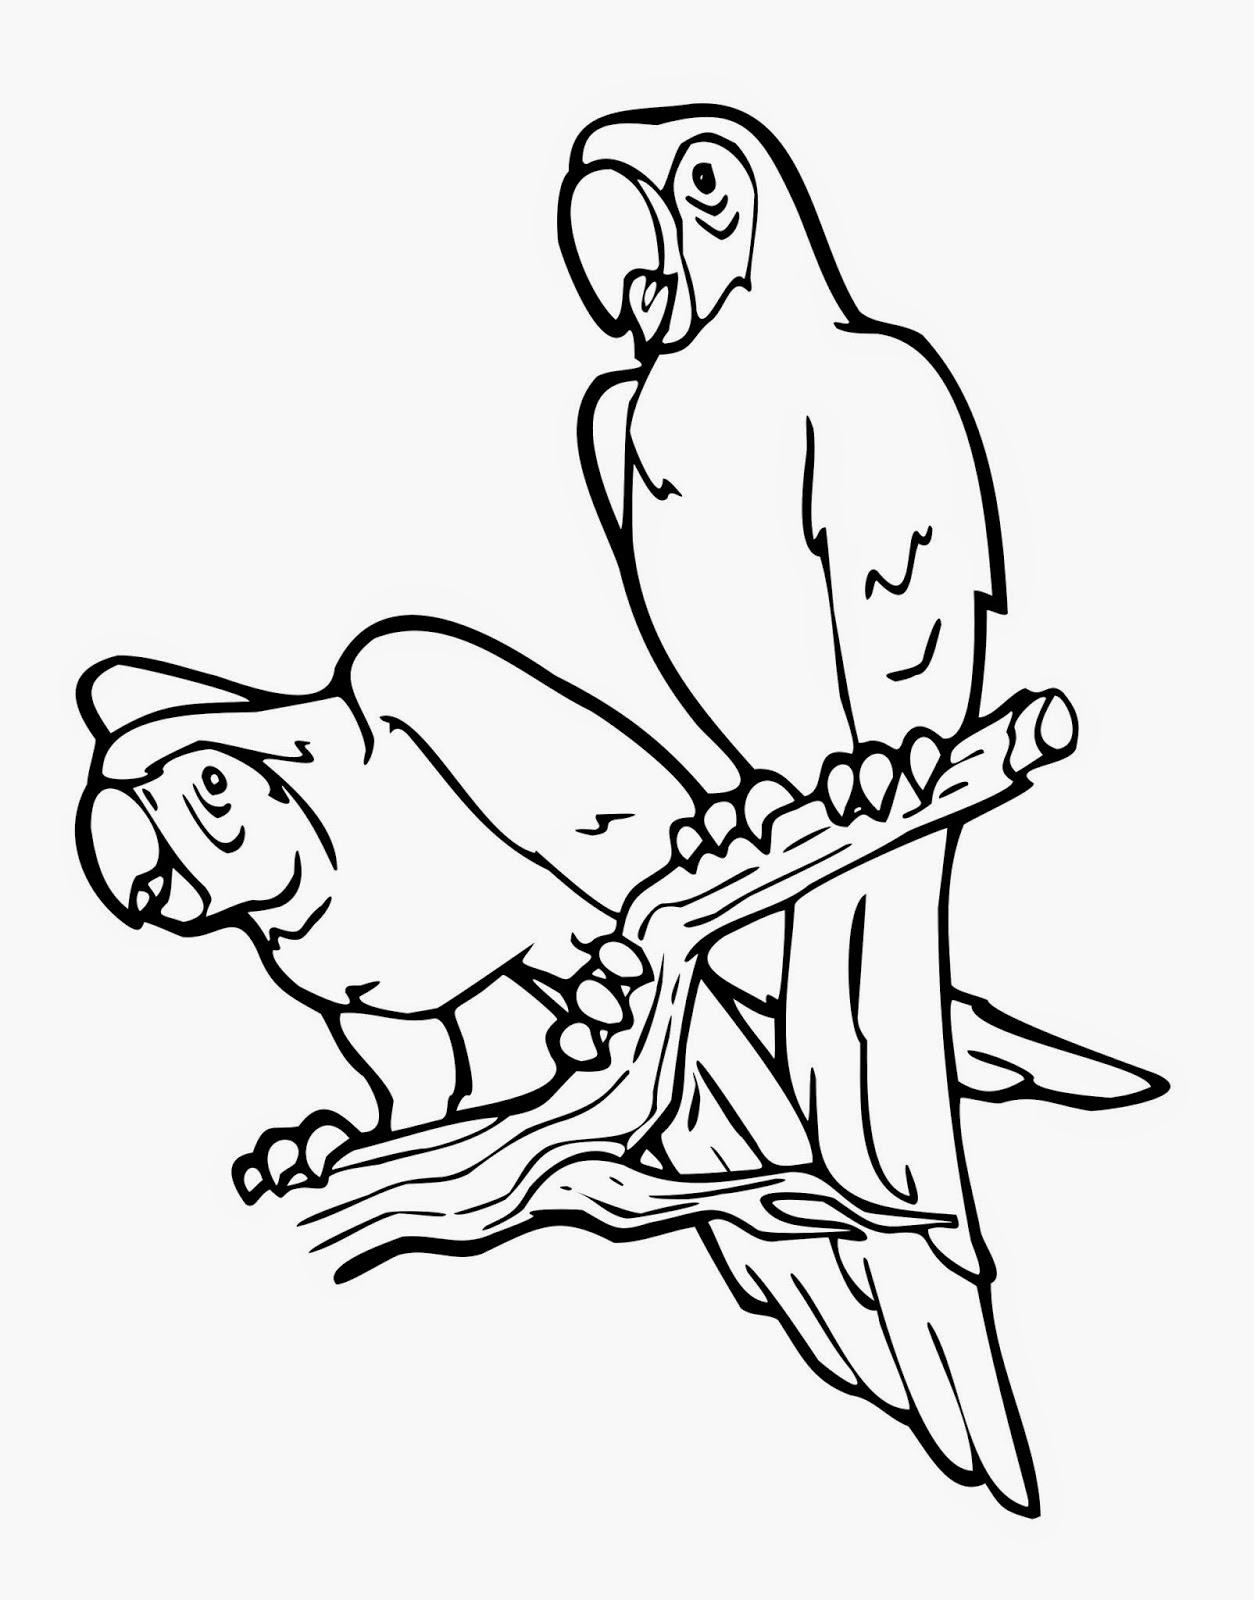 Gambar Adi Percobaan Gambar Sketsa Burung Nuri Outline Di Rebanas